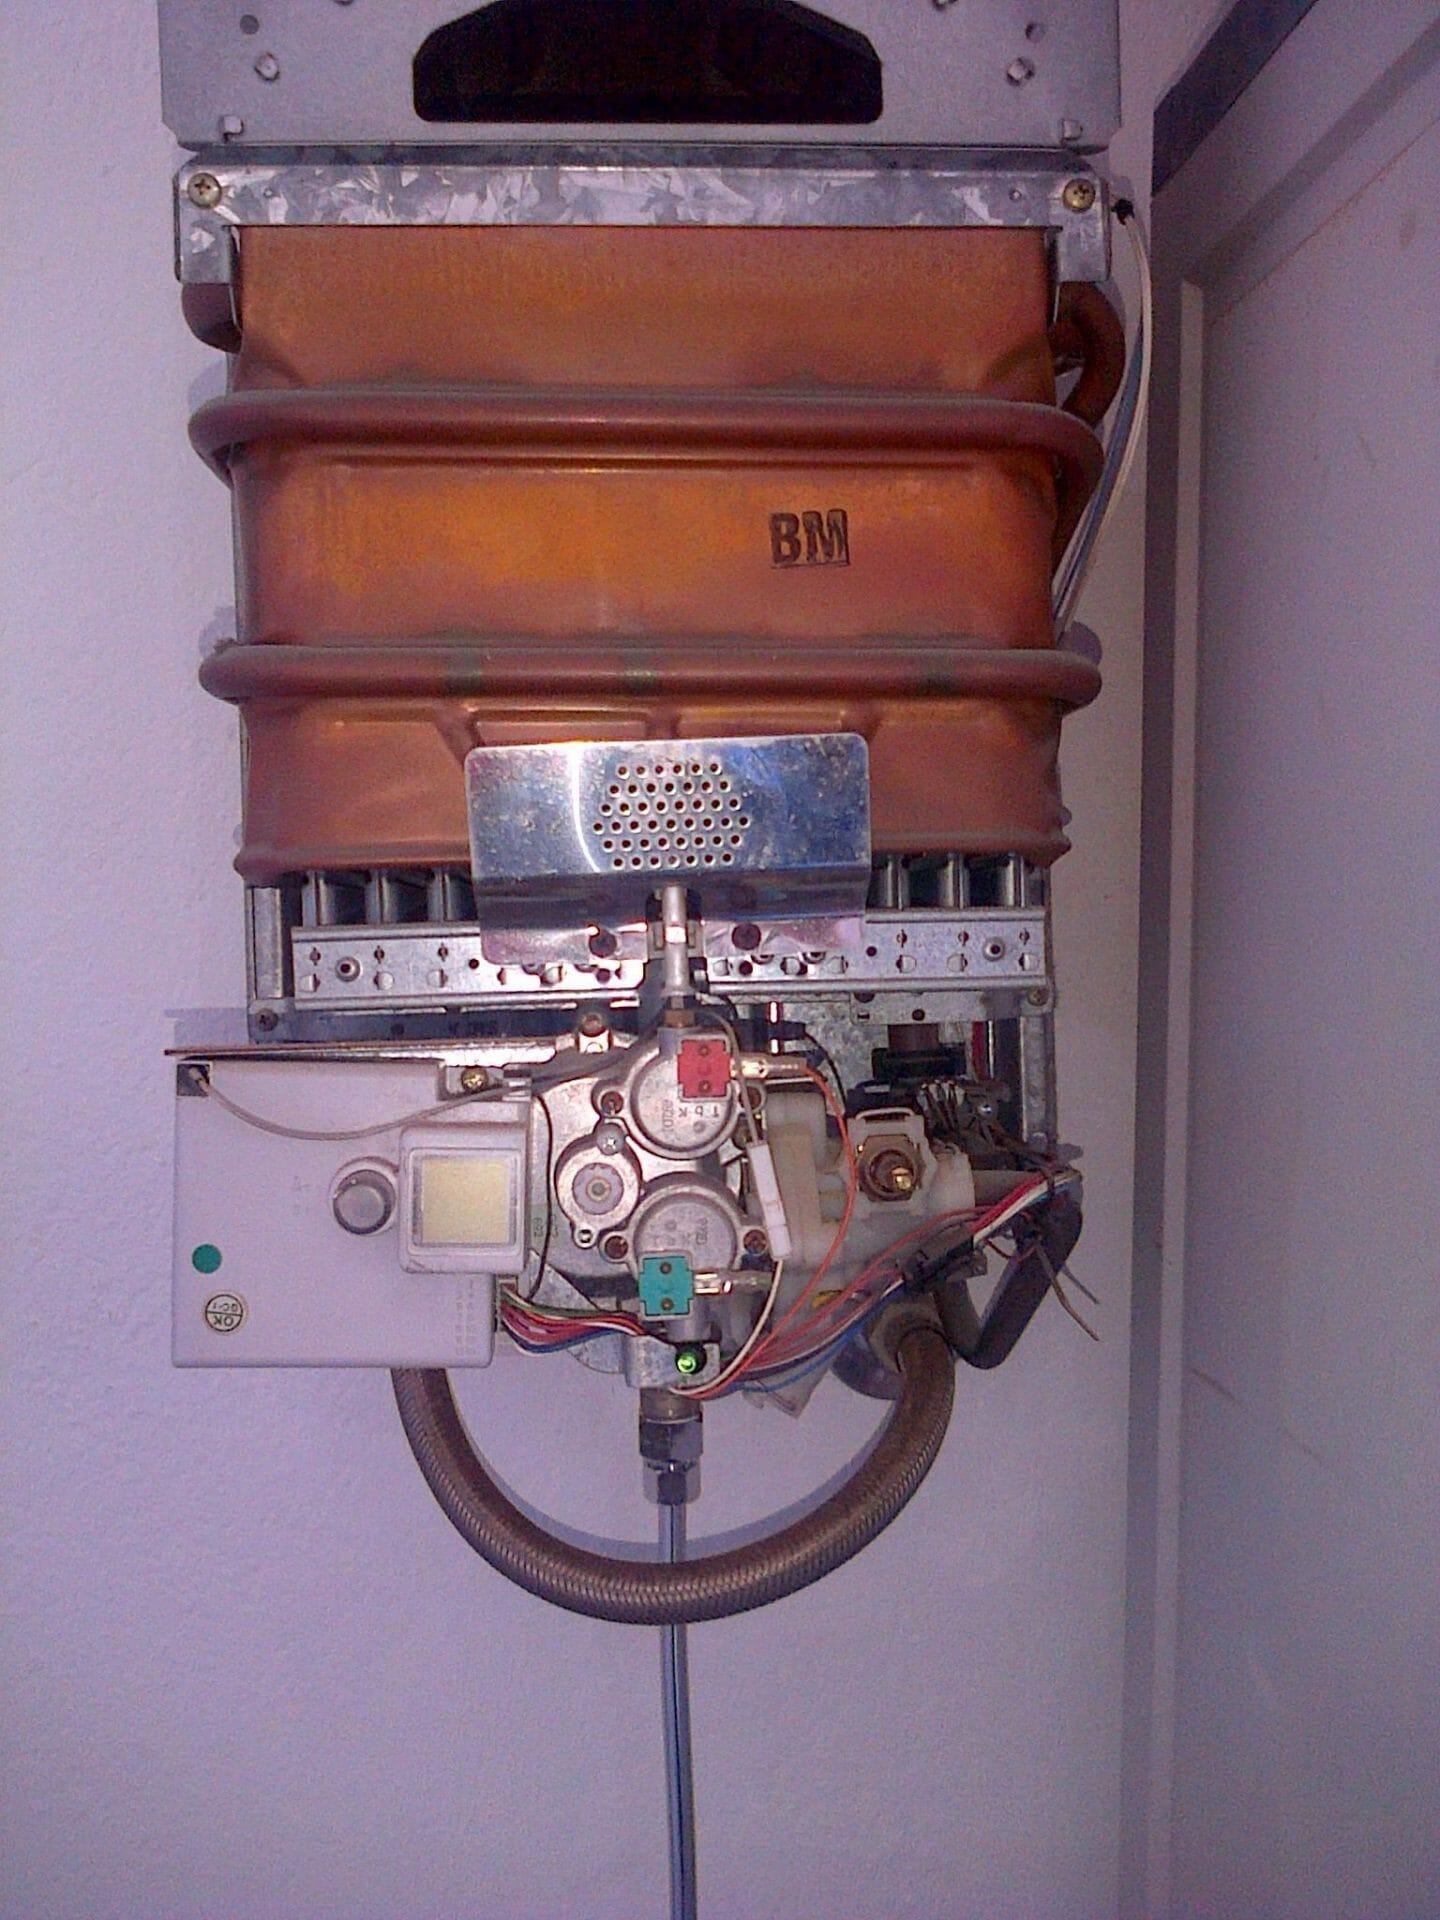 C mo saber por qu no te enciende el calentador for Grifo termostatico no calienta